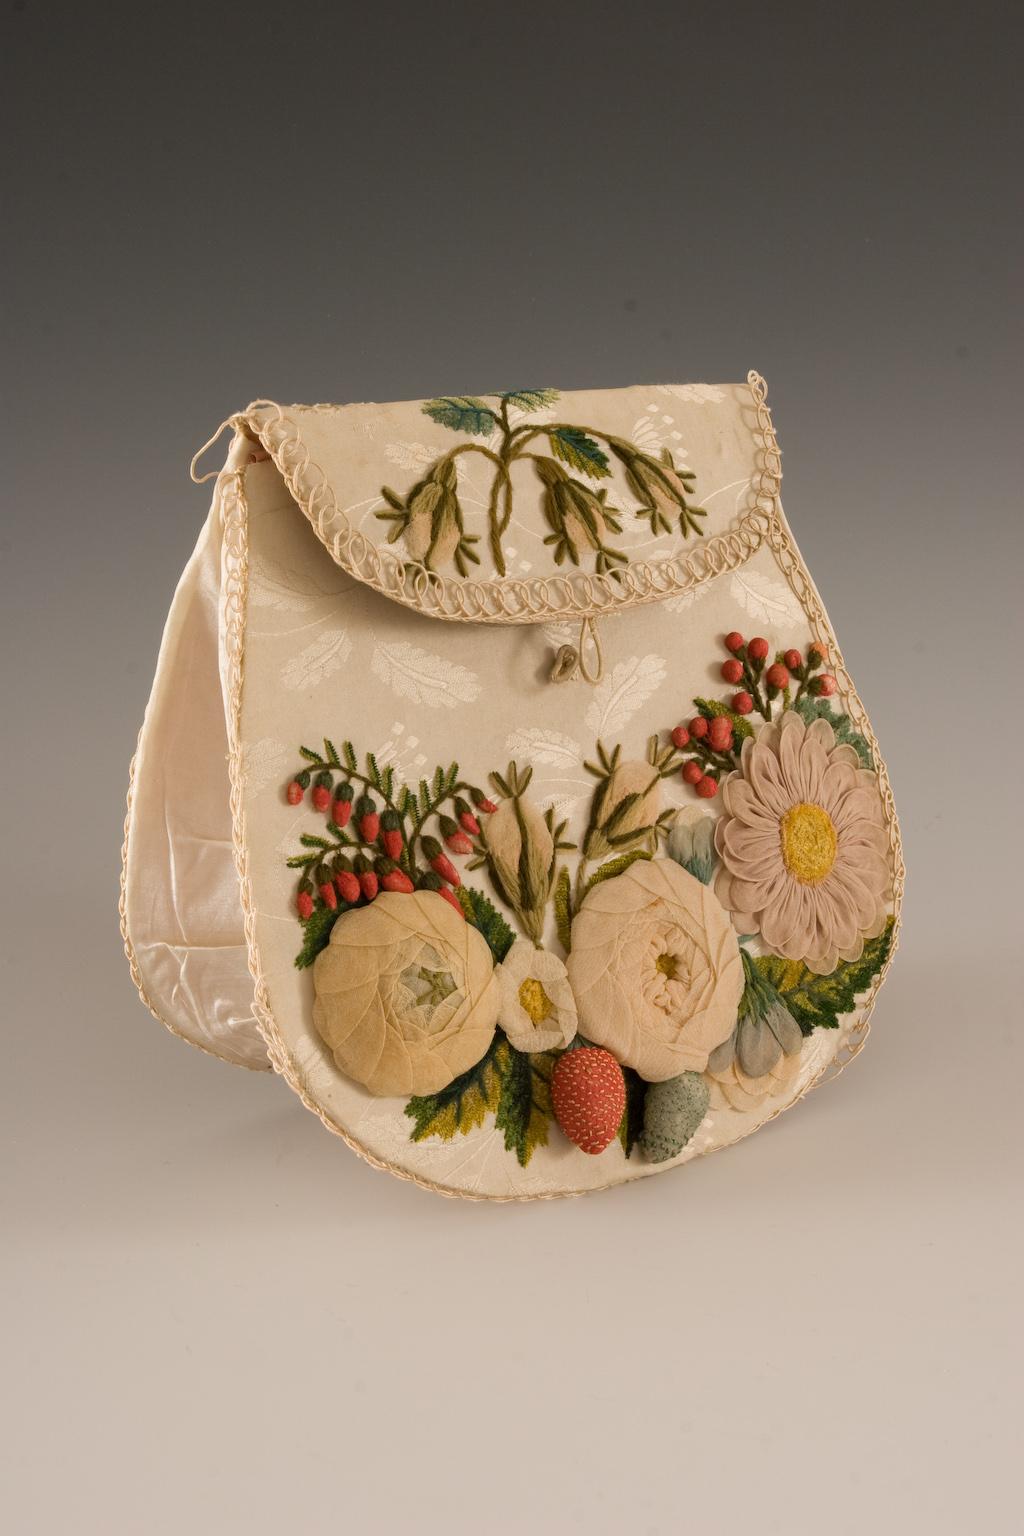 Torebka zdobiona kwiatami i owocami z gazy, Polska, około 1820 – 1830